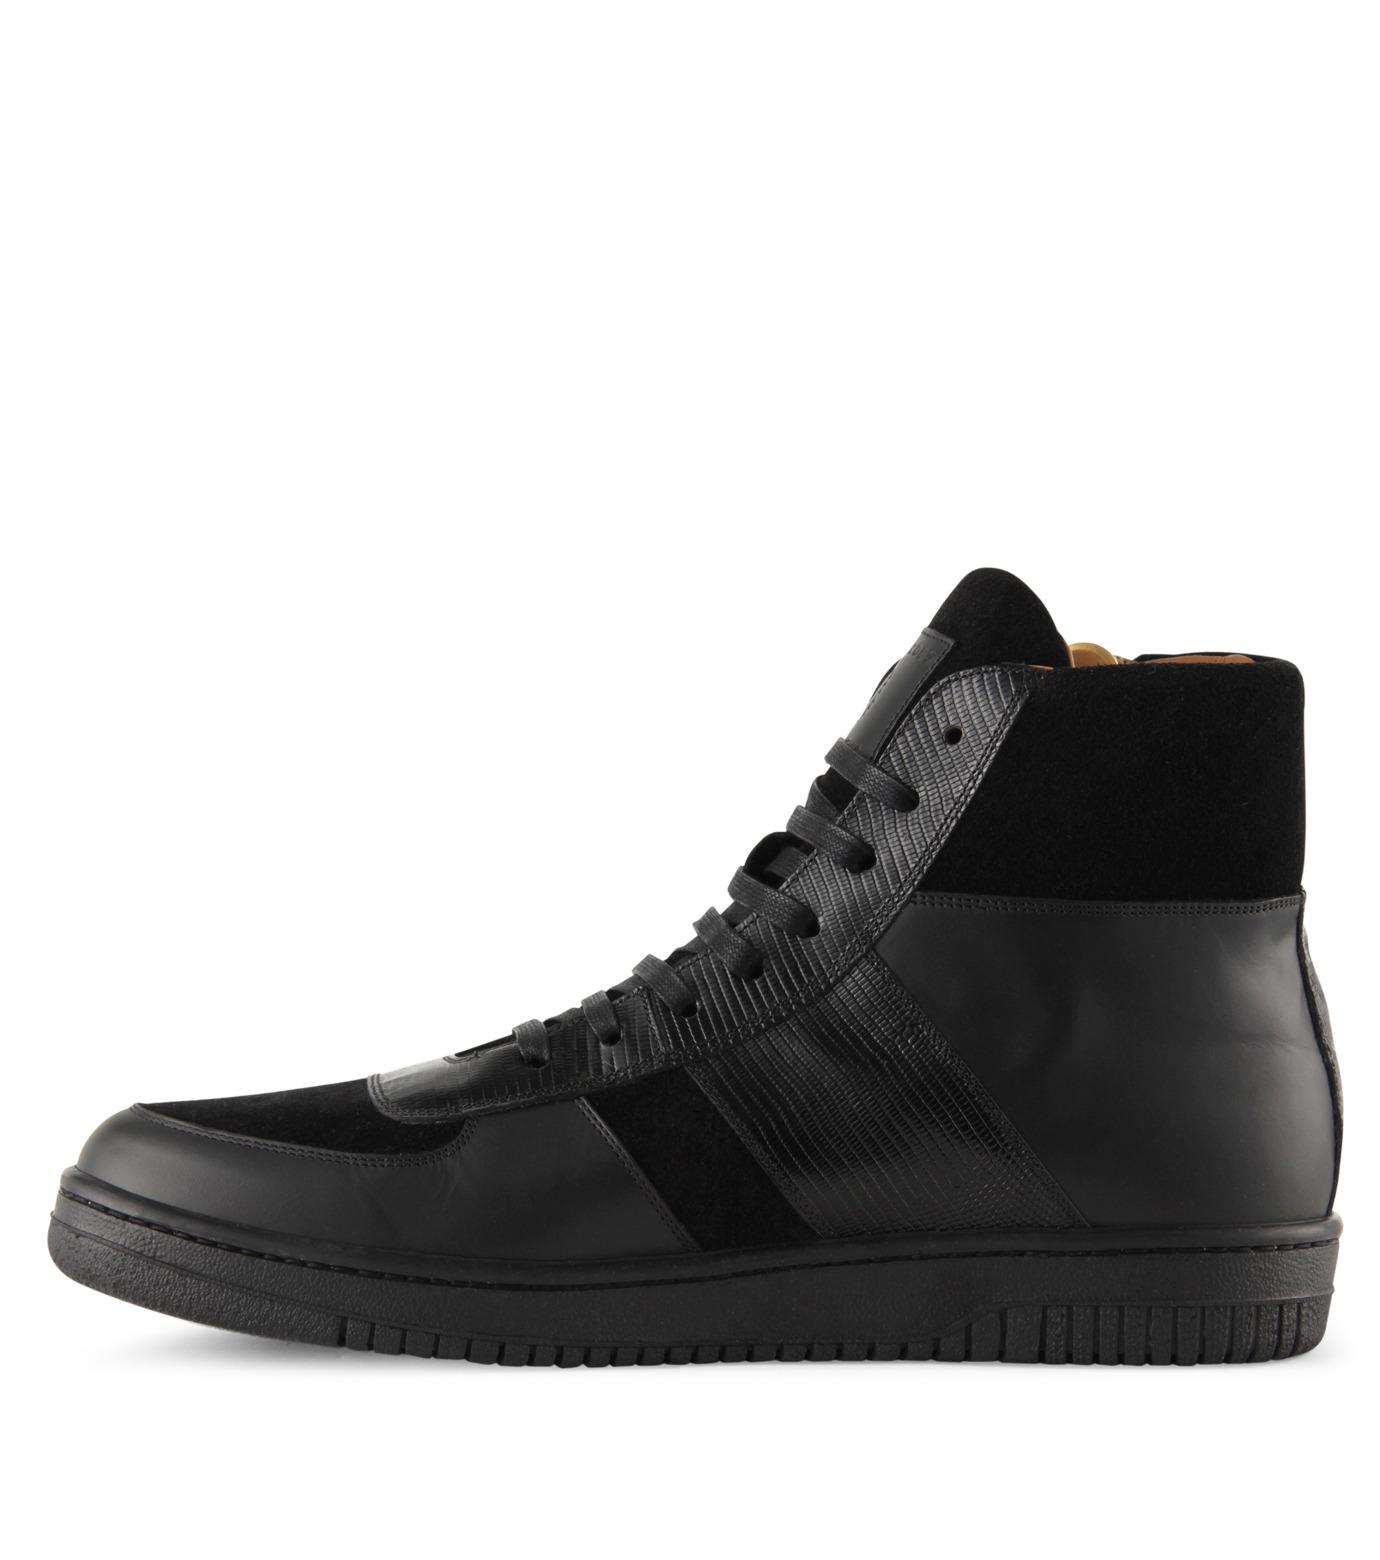 Marc Jacobs(マーク ジェイコブス)のSide zip sneaker-BLACK-WS0076-13 拡大詳細画像2